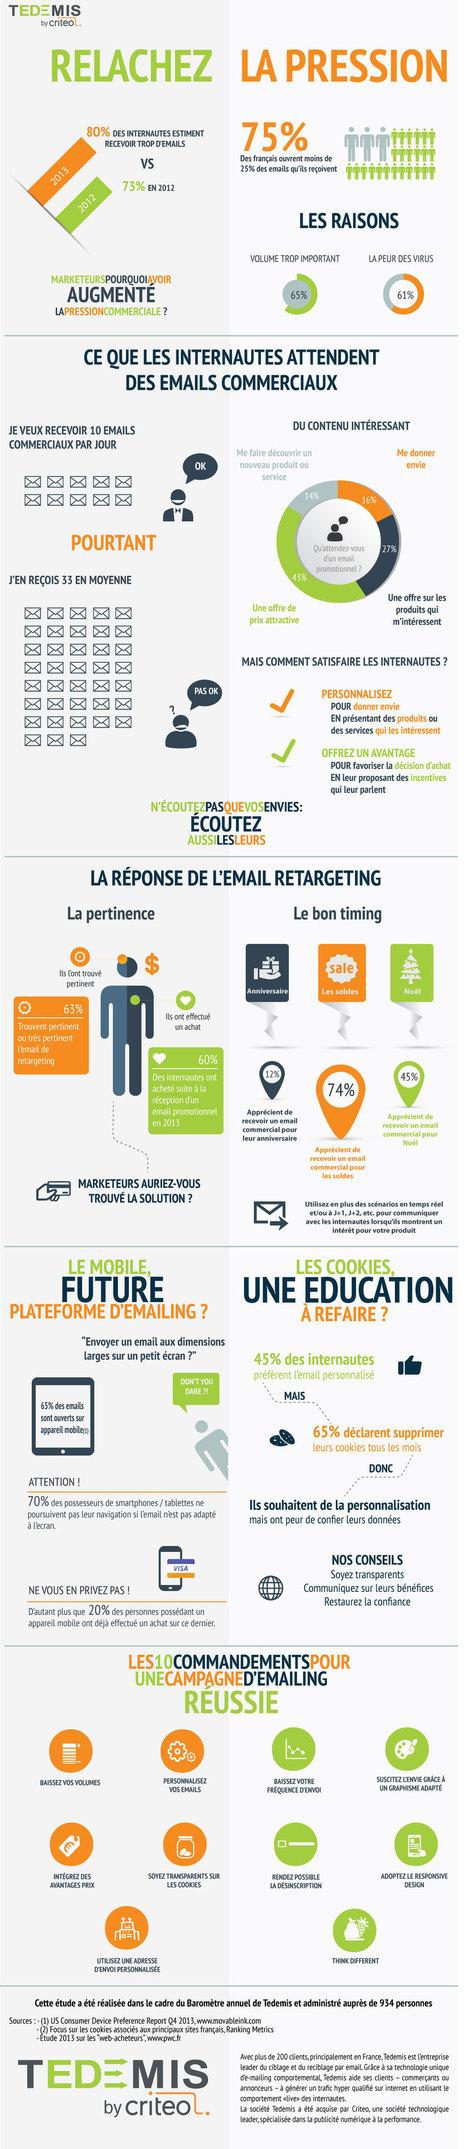 Emailing | Les 10 commandements pour une campagne d'emailing réussie (infographie Tedemis) | Webmarketing infographics - La French Touch digitale en images | Scoop.it